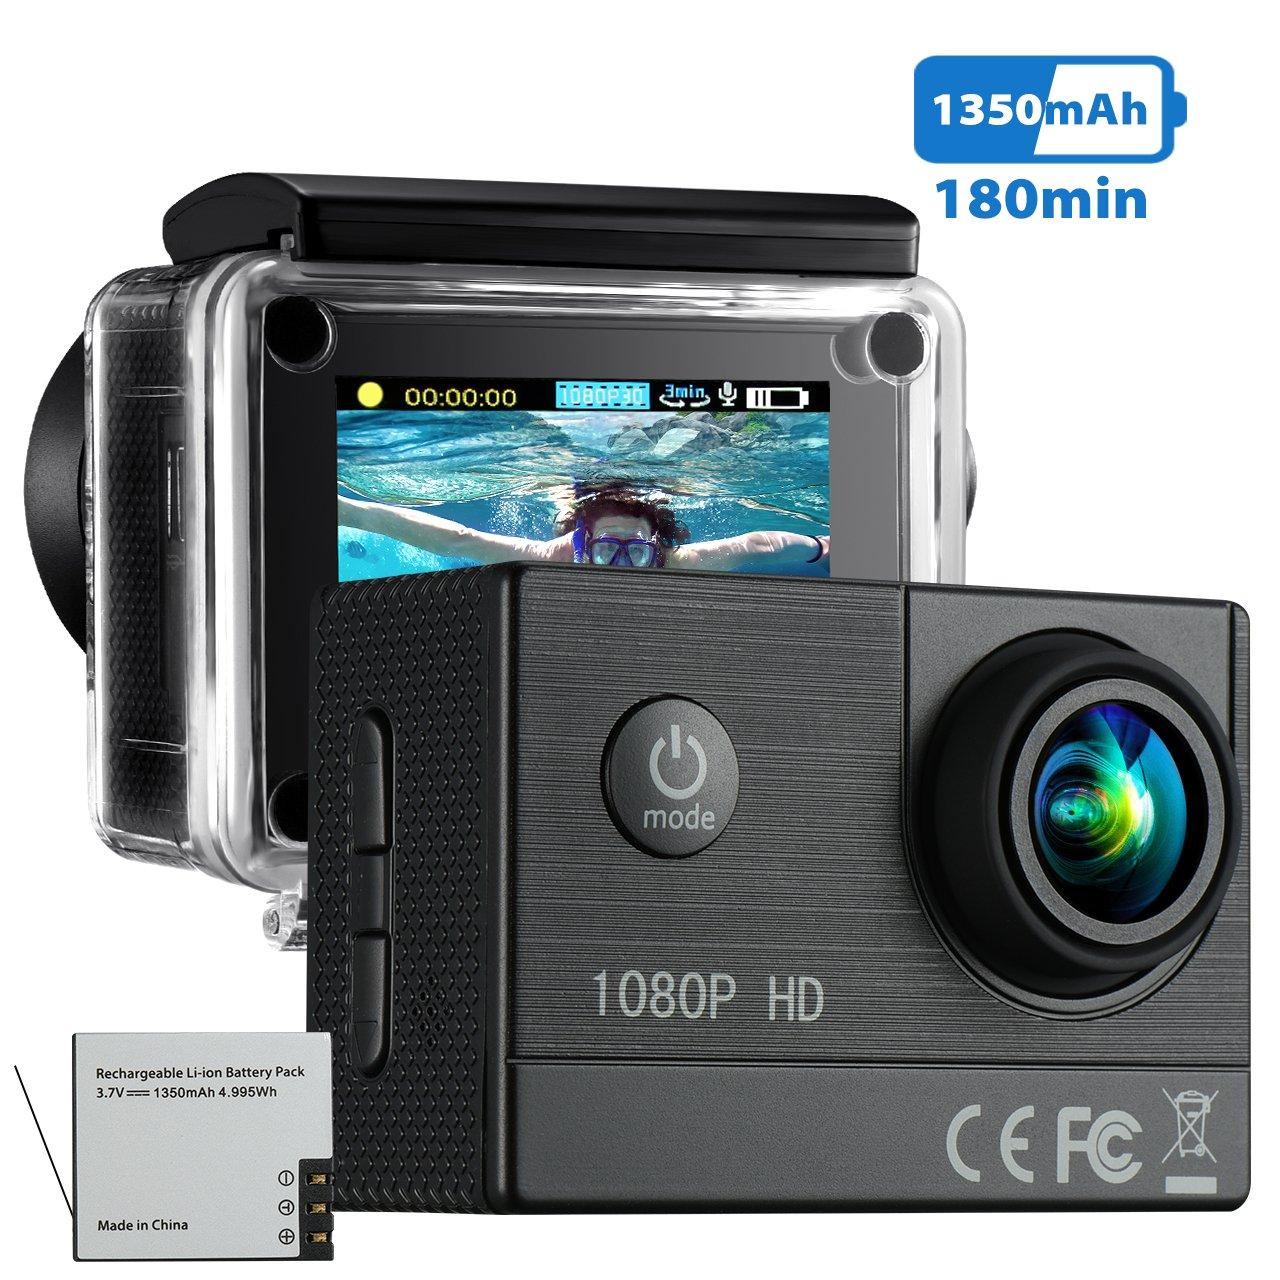 Action Cam VicTsing Camera Azione Full HD 1080P 16 MP, 1350mAh 180 minuti Batteria Ricaricabile, Videocamera Sport Impermeabile con 170°Grandangolare 30m Custodia Waterproof, per Surf, Bungee Jumping, Immersioni, Ciclismo e altri Sport all'aria Aperta. Nero